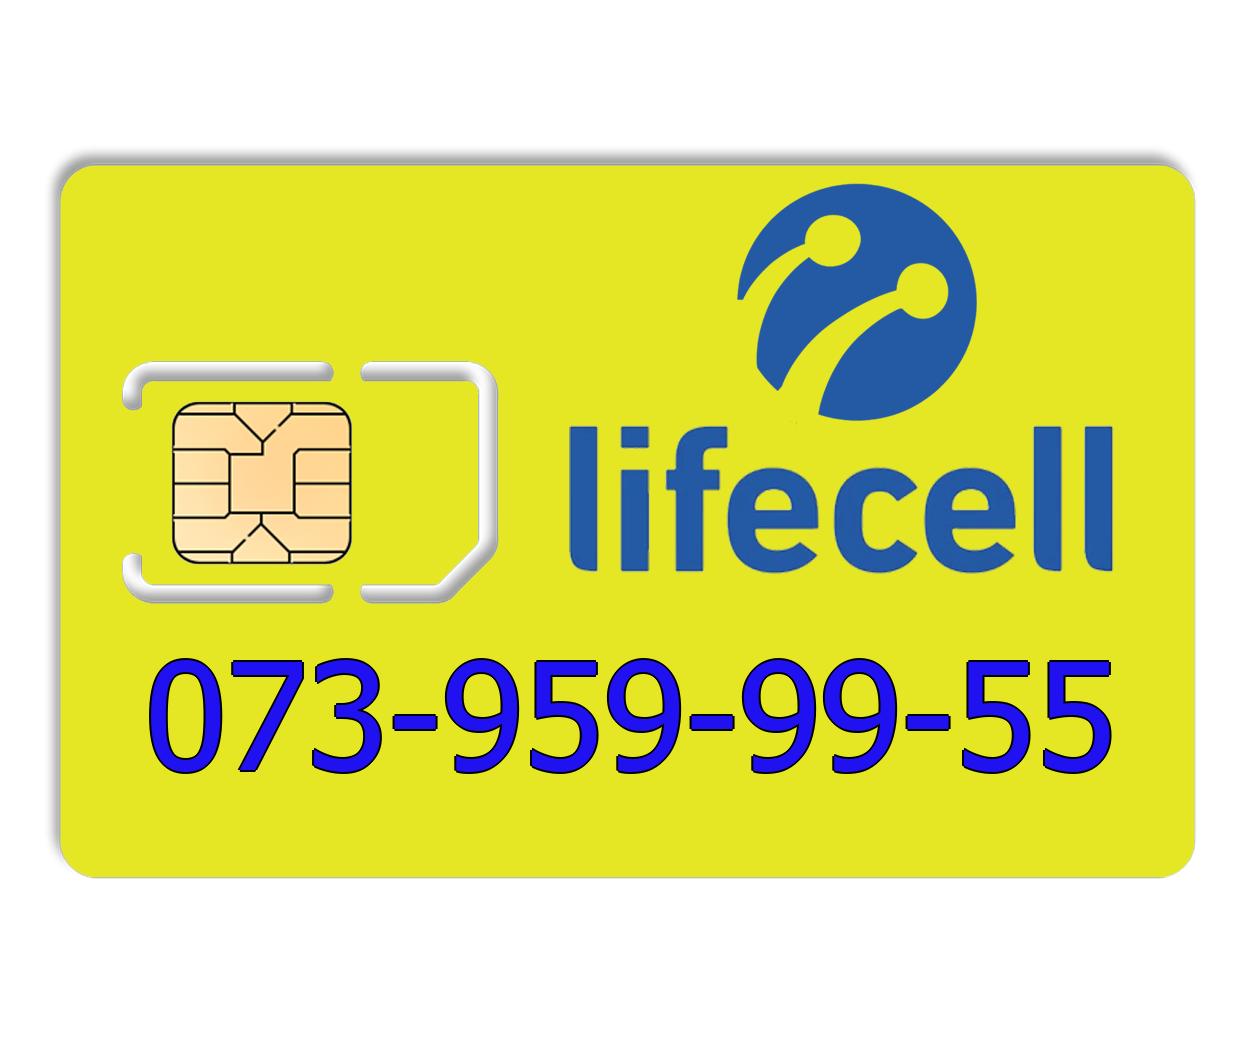 Красивый номер lifecell 073-959-99-55